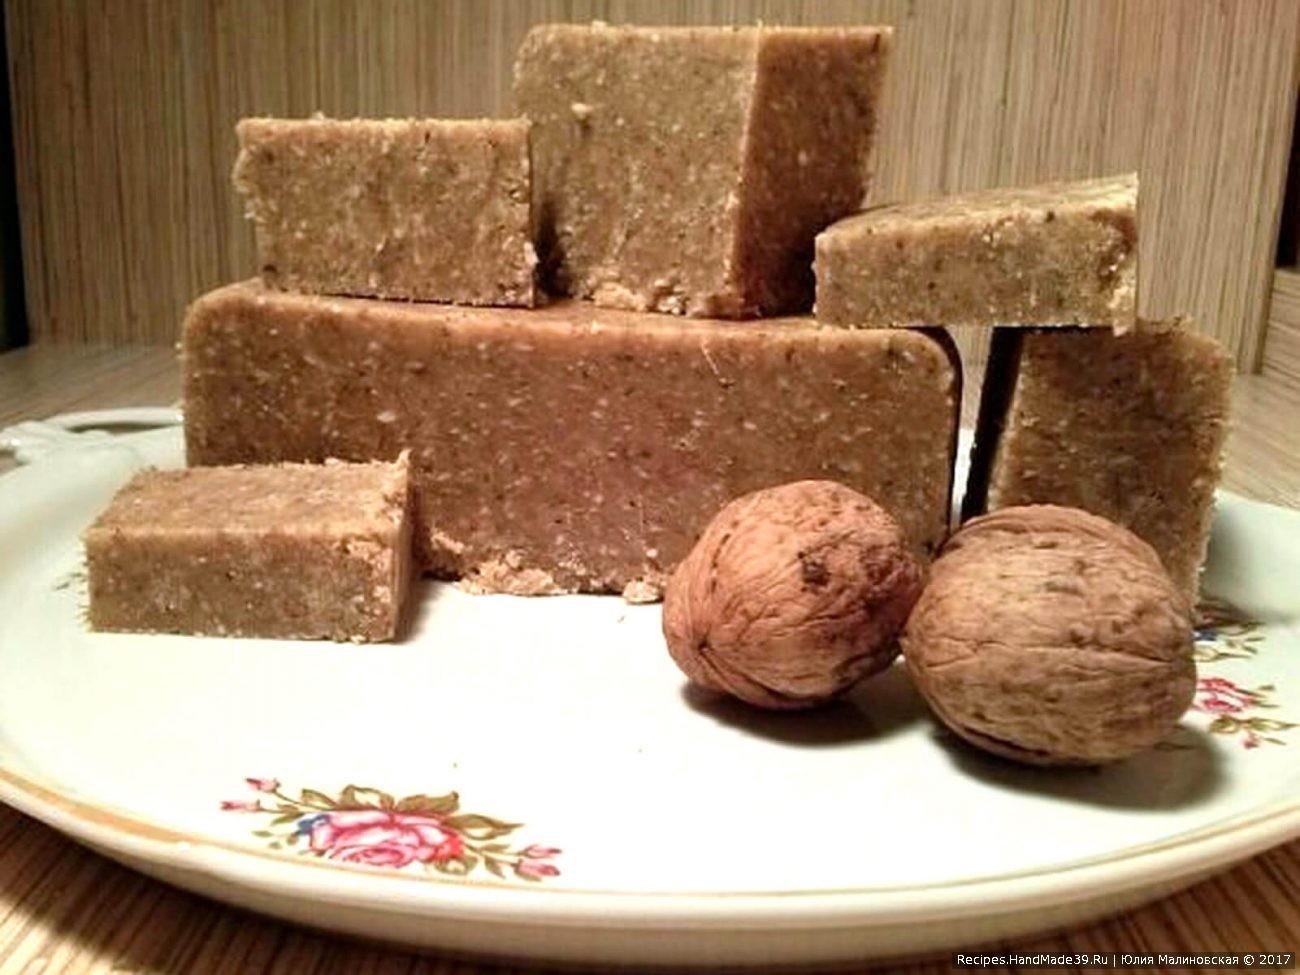 Домашняя ореховая халва с кокосом